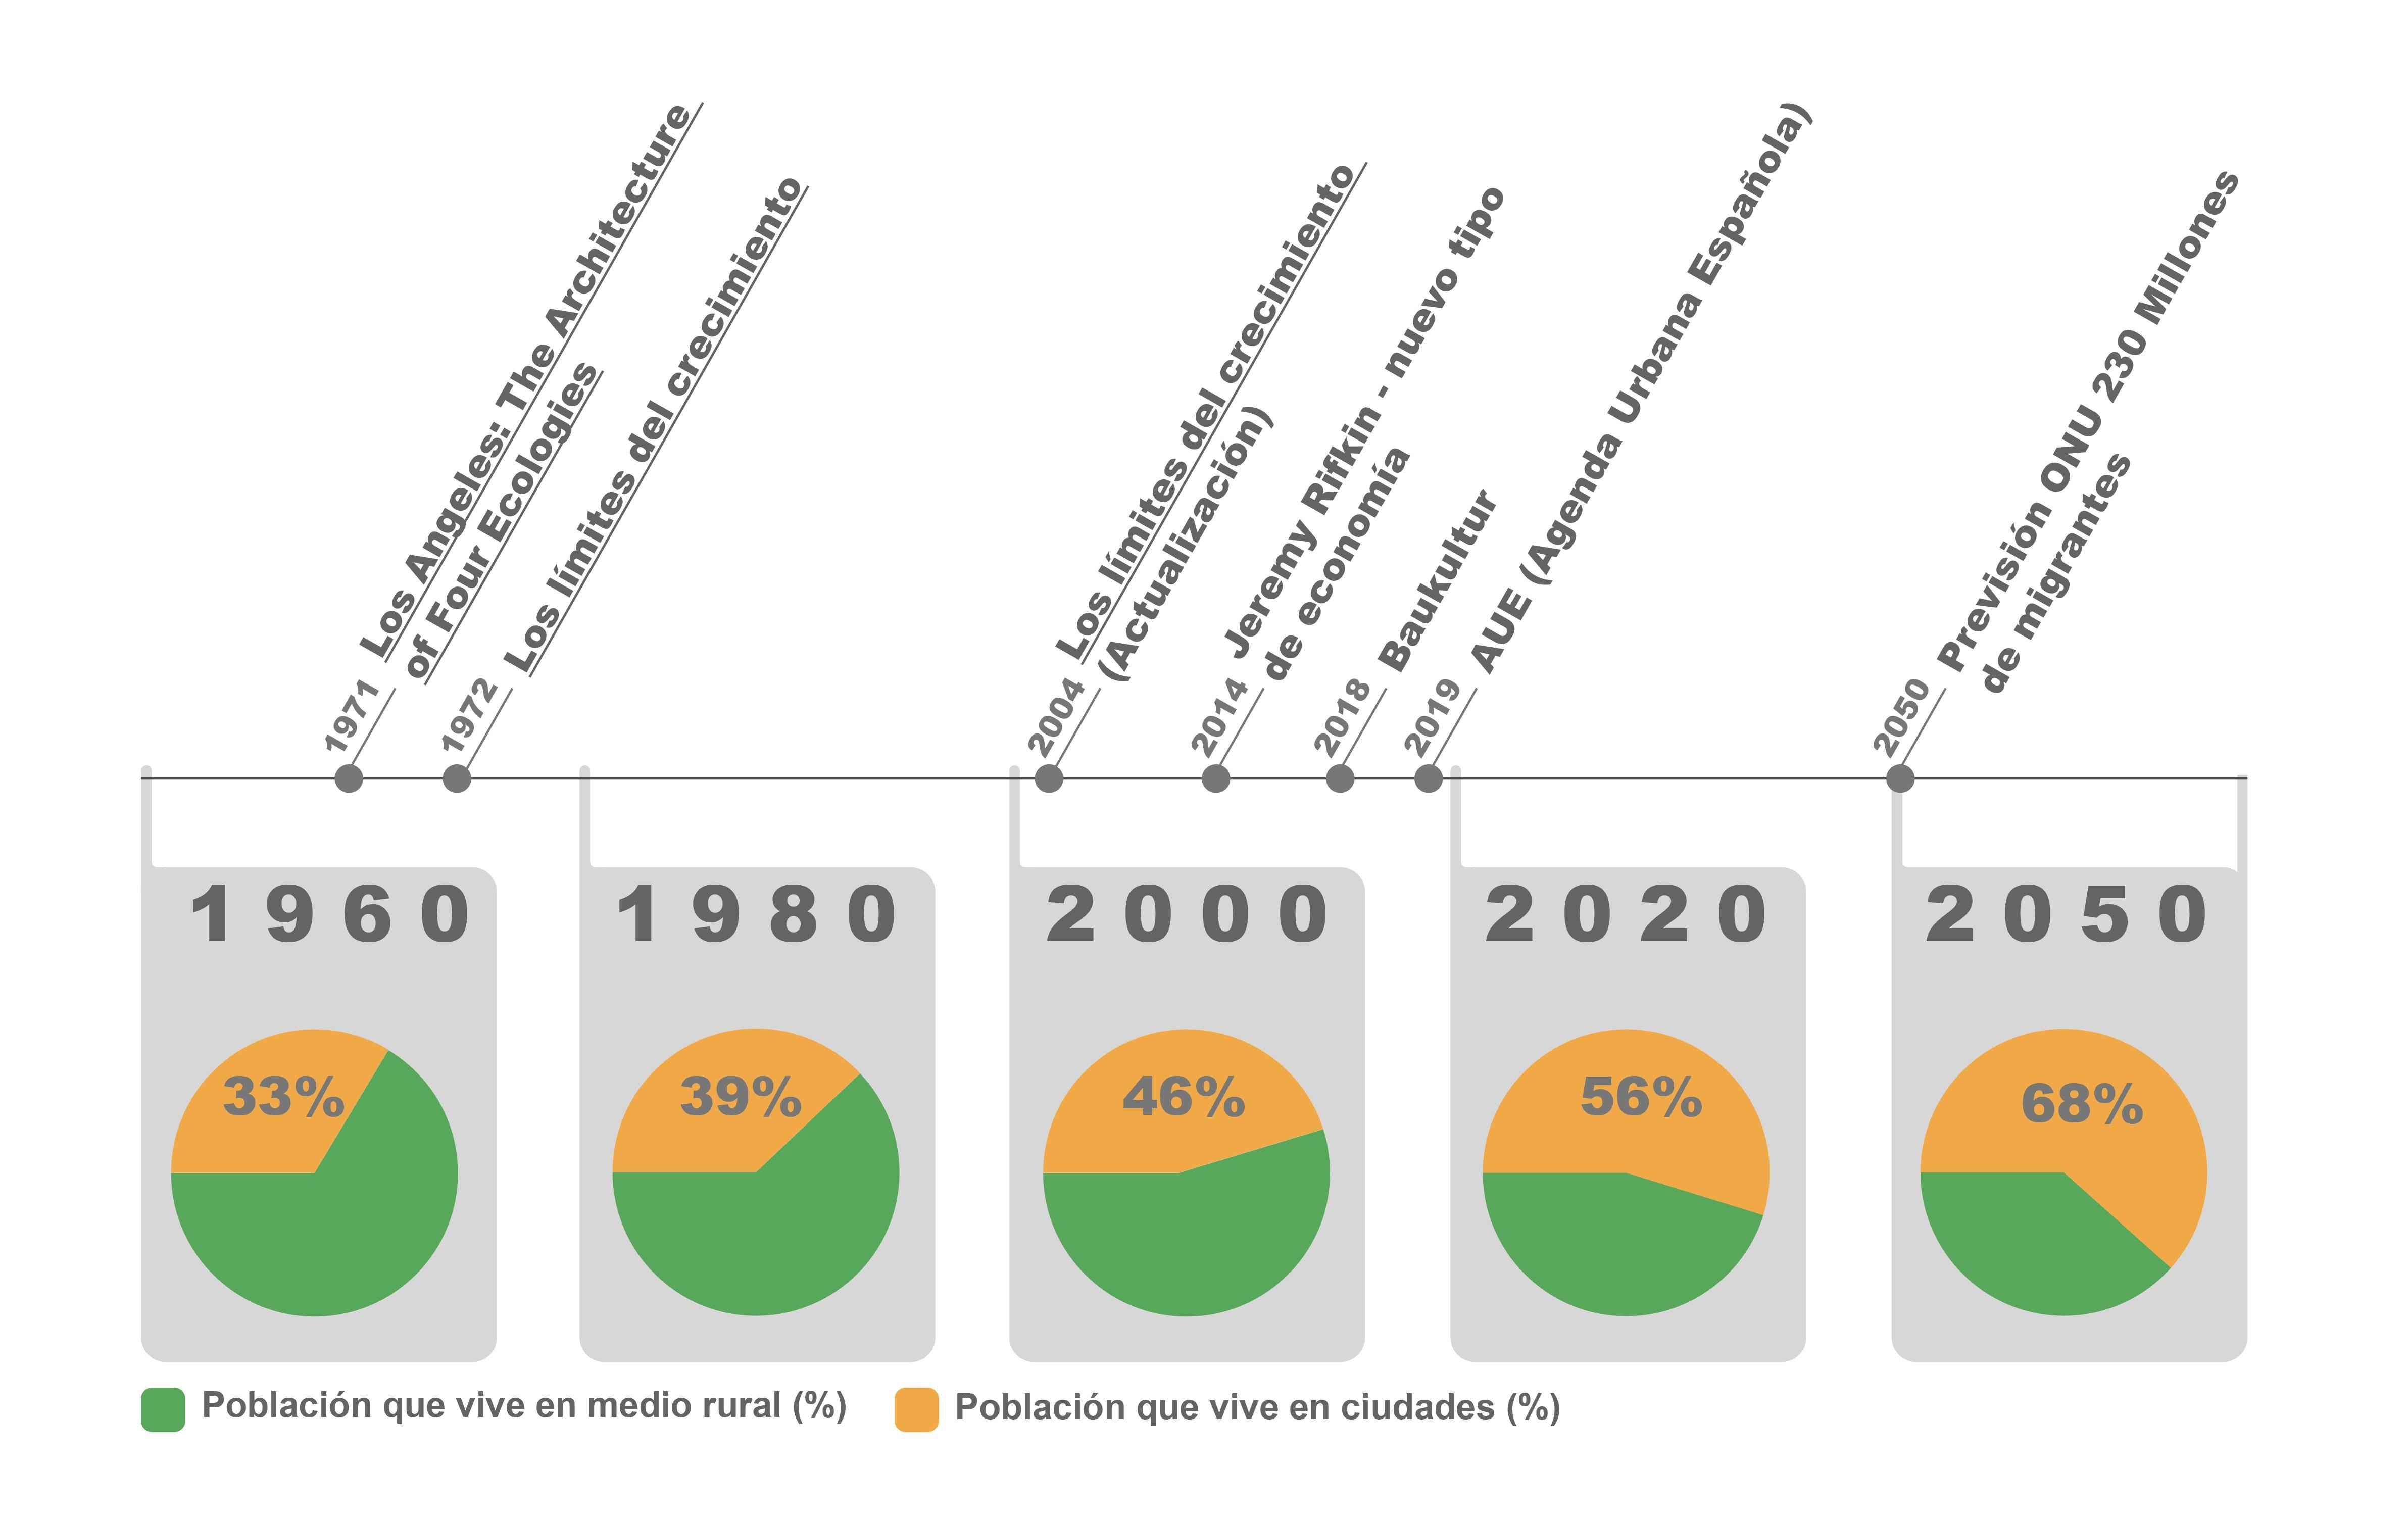 Cronología destacada en el presente texto relativa a la tendencia de crecimiento de la población urbana.Juan Manuel Ros García,Author provided